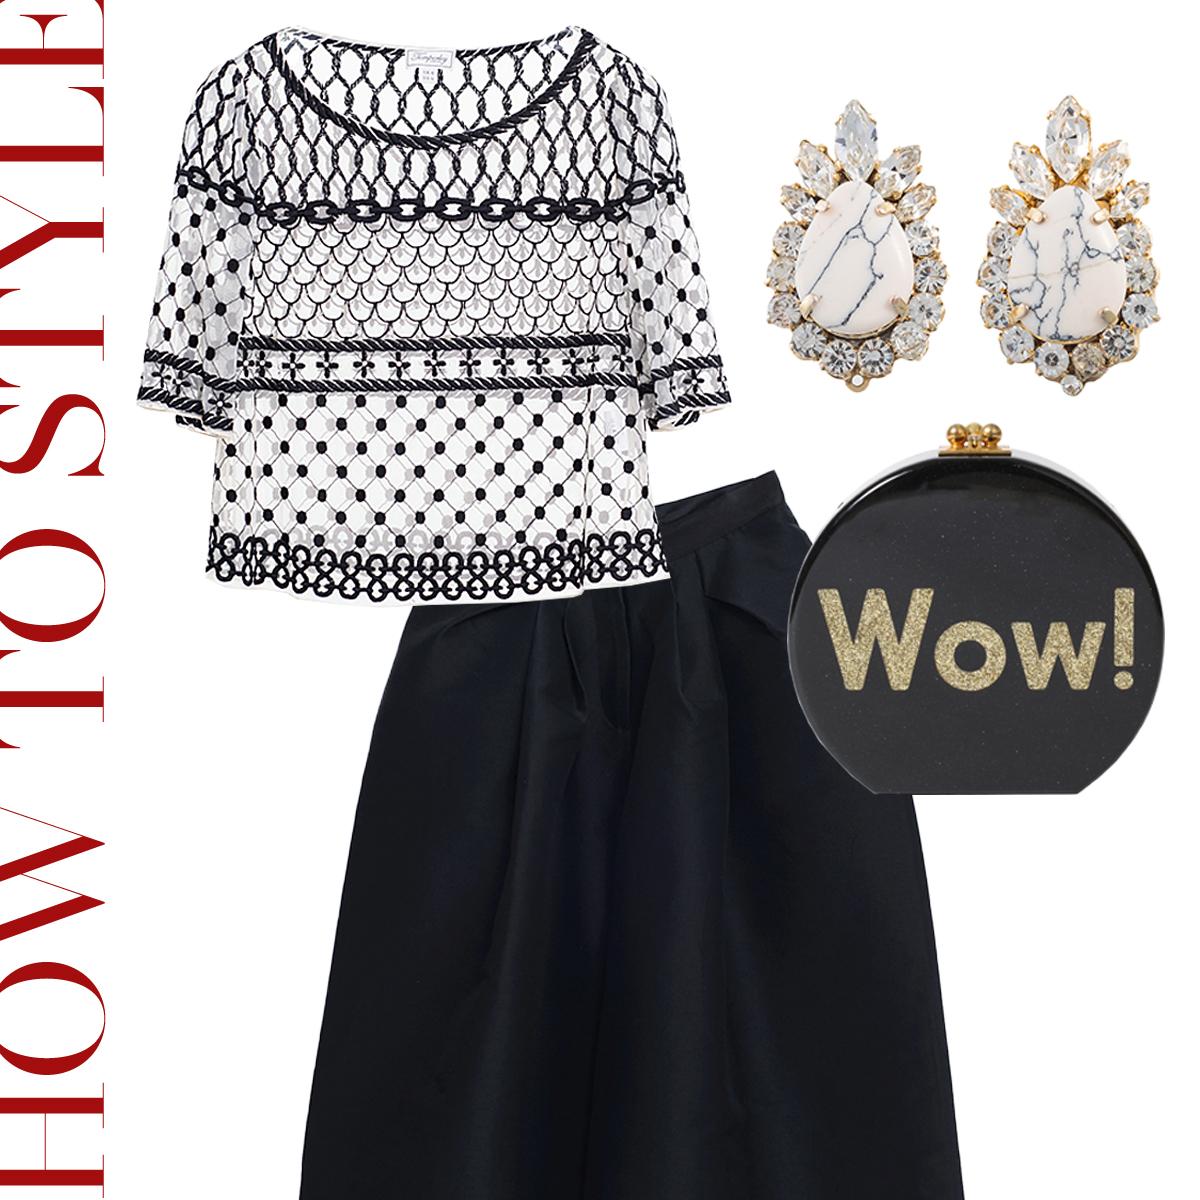 シースルーの半袖のトップスにワイドな黒いパンツを合わせて白い大理石模様のビジューのイヤリングを合わせたおしゃれなコーディネート